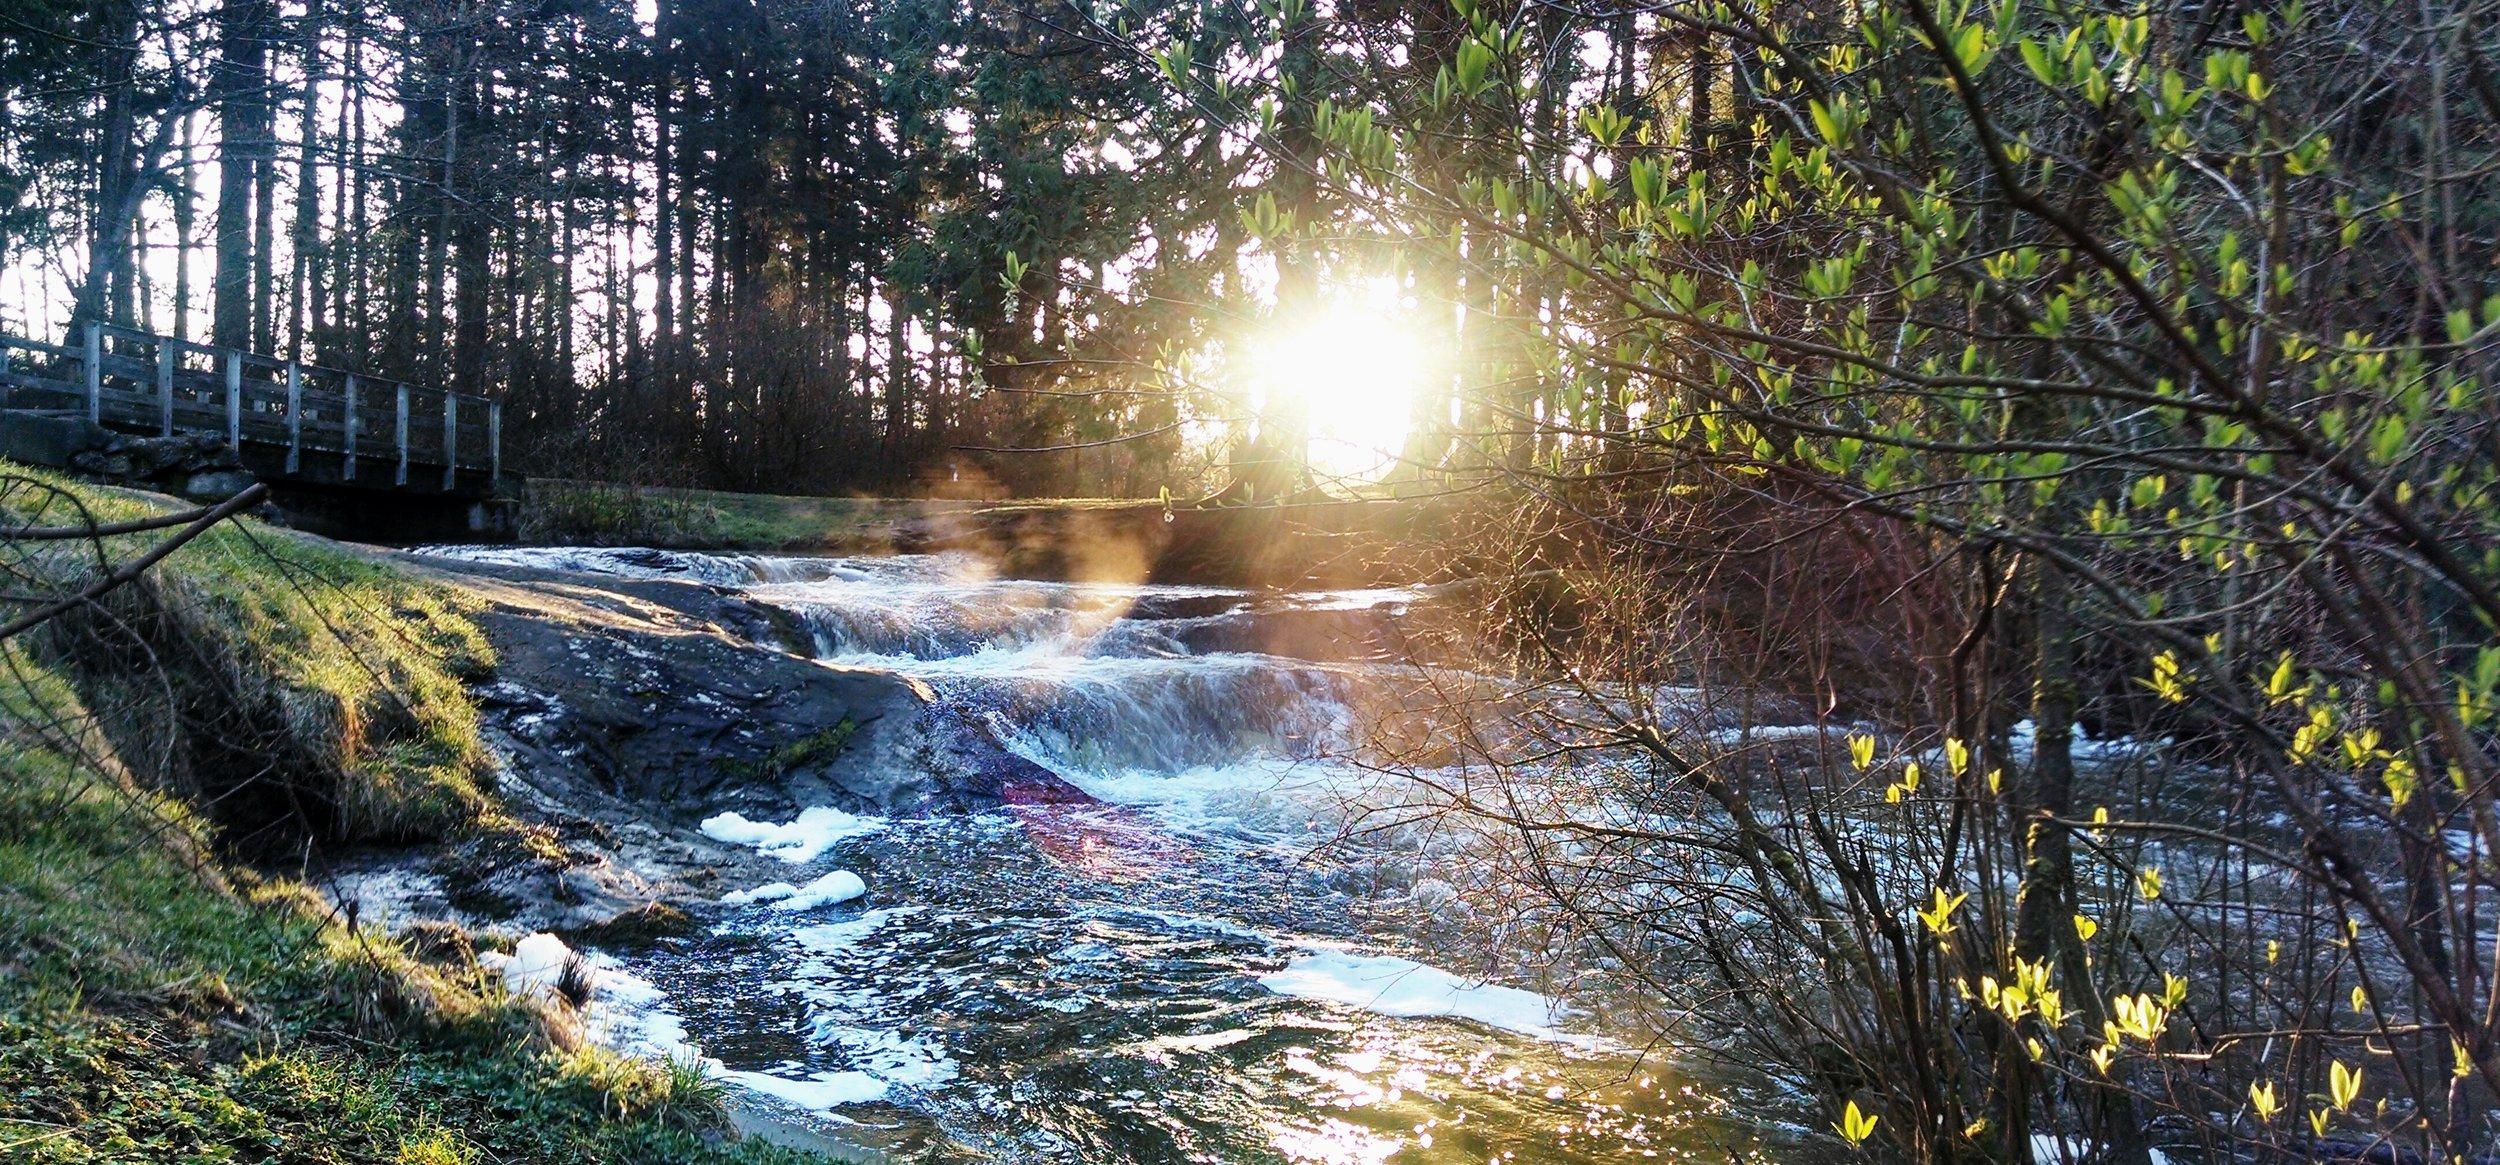 Good Morning Sunshine at Cornwall Park.jpg